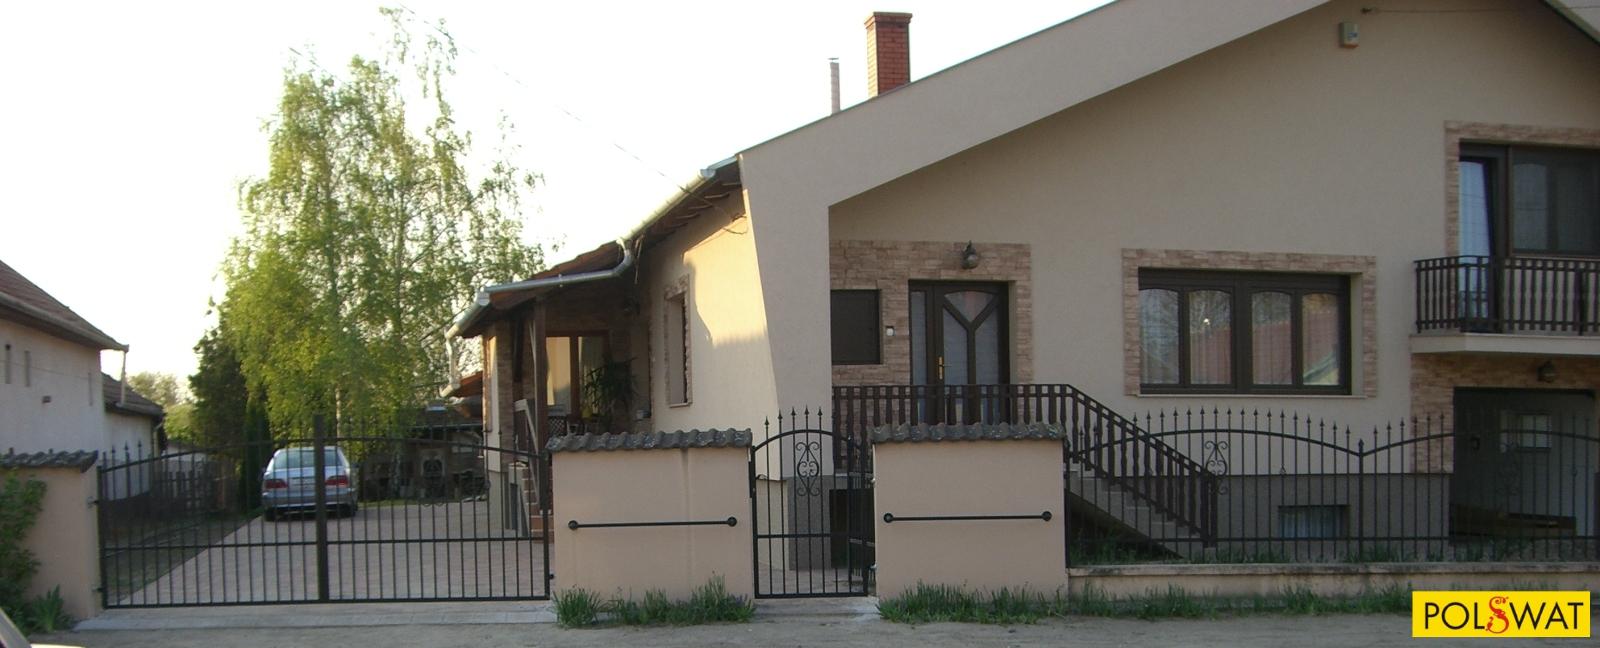 kapu, kerítés, kovácsoltvas korlát